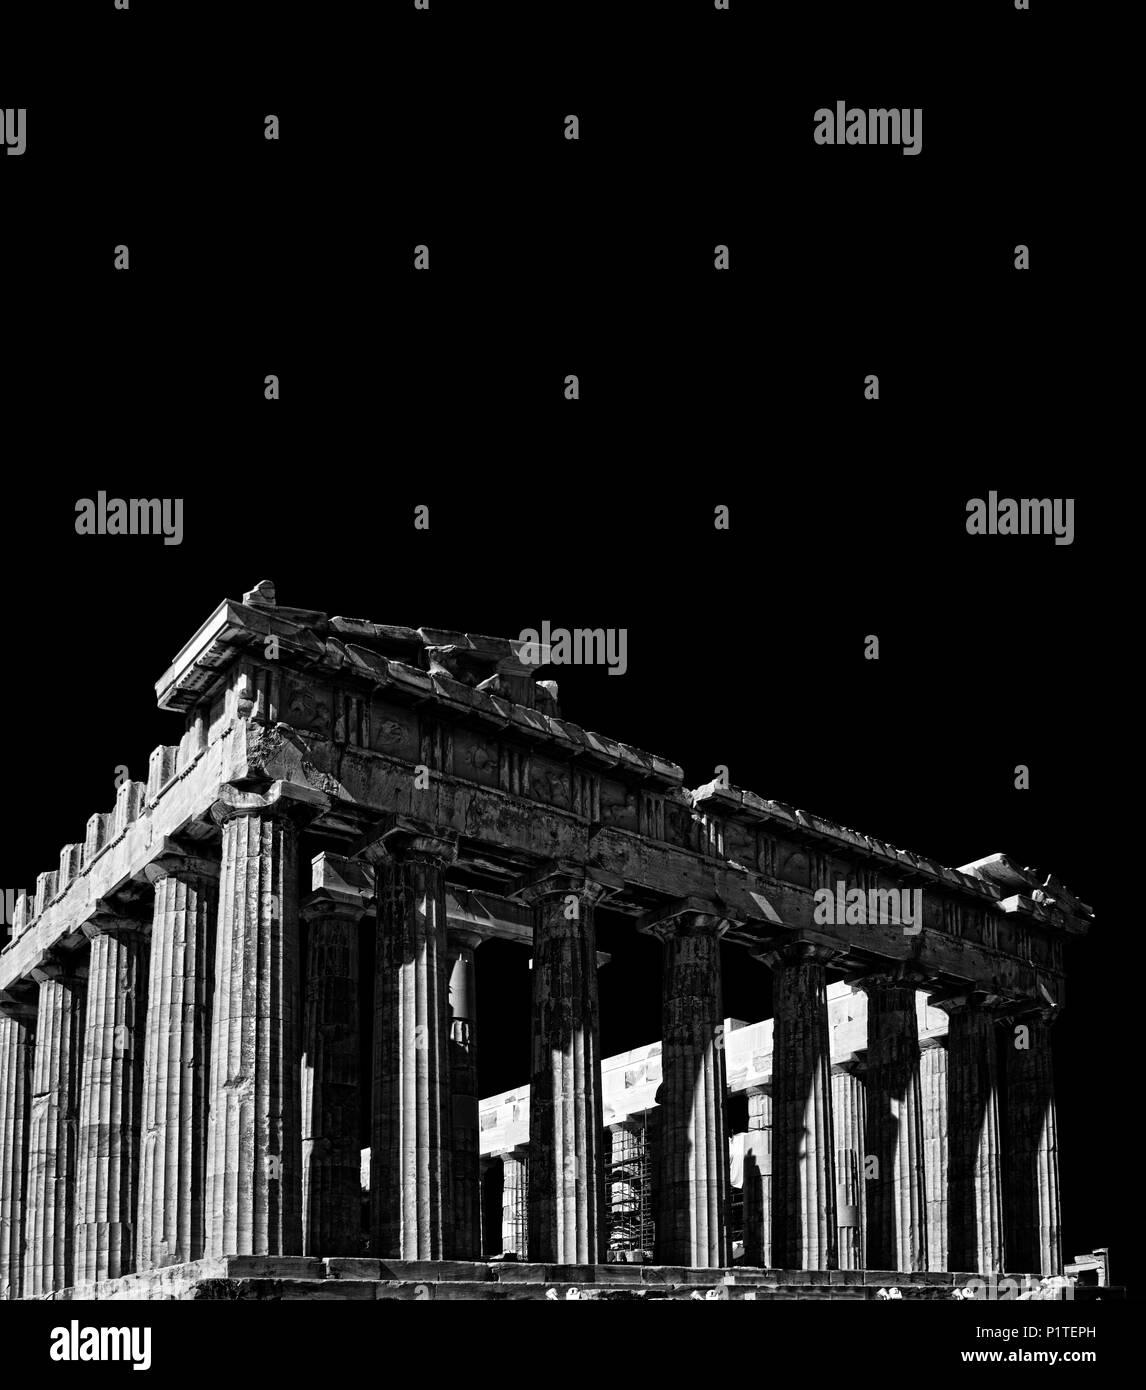 Parthenon in Acropolis, Athens Greece - Stock Image